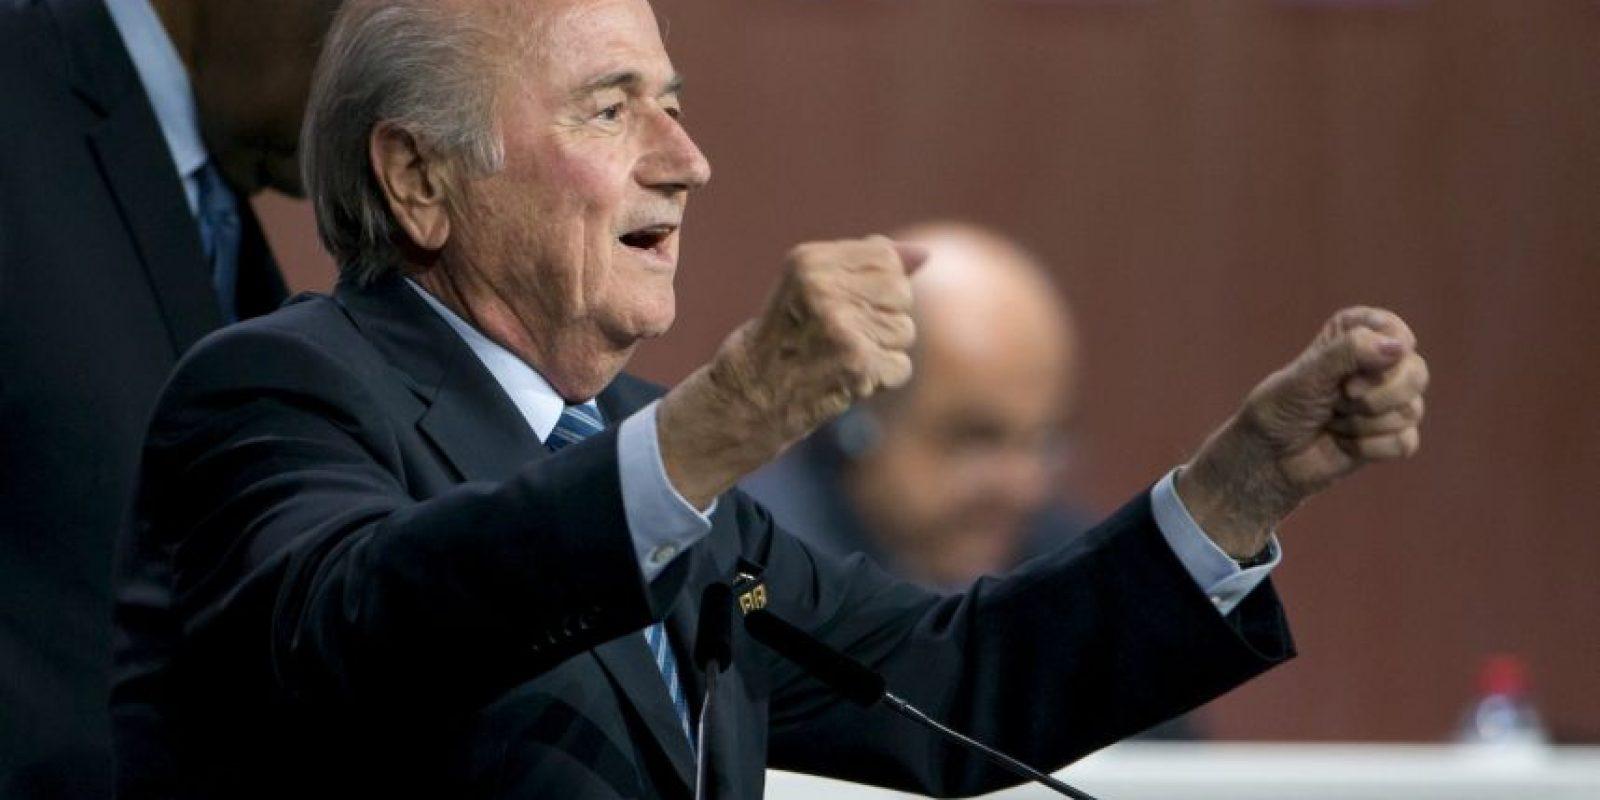 """Un antiguo trabajador de la FIFA confesó — bajo el anonimato — al diario español """"El País"""", la forma de actuar de Blatter y sus allegados que fundaron y usaron el programa """"Goal"""" para captar votos. Foto:Getty Images"""